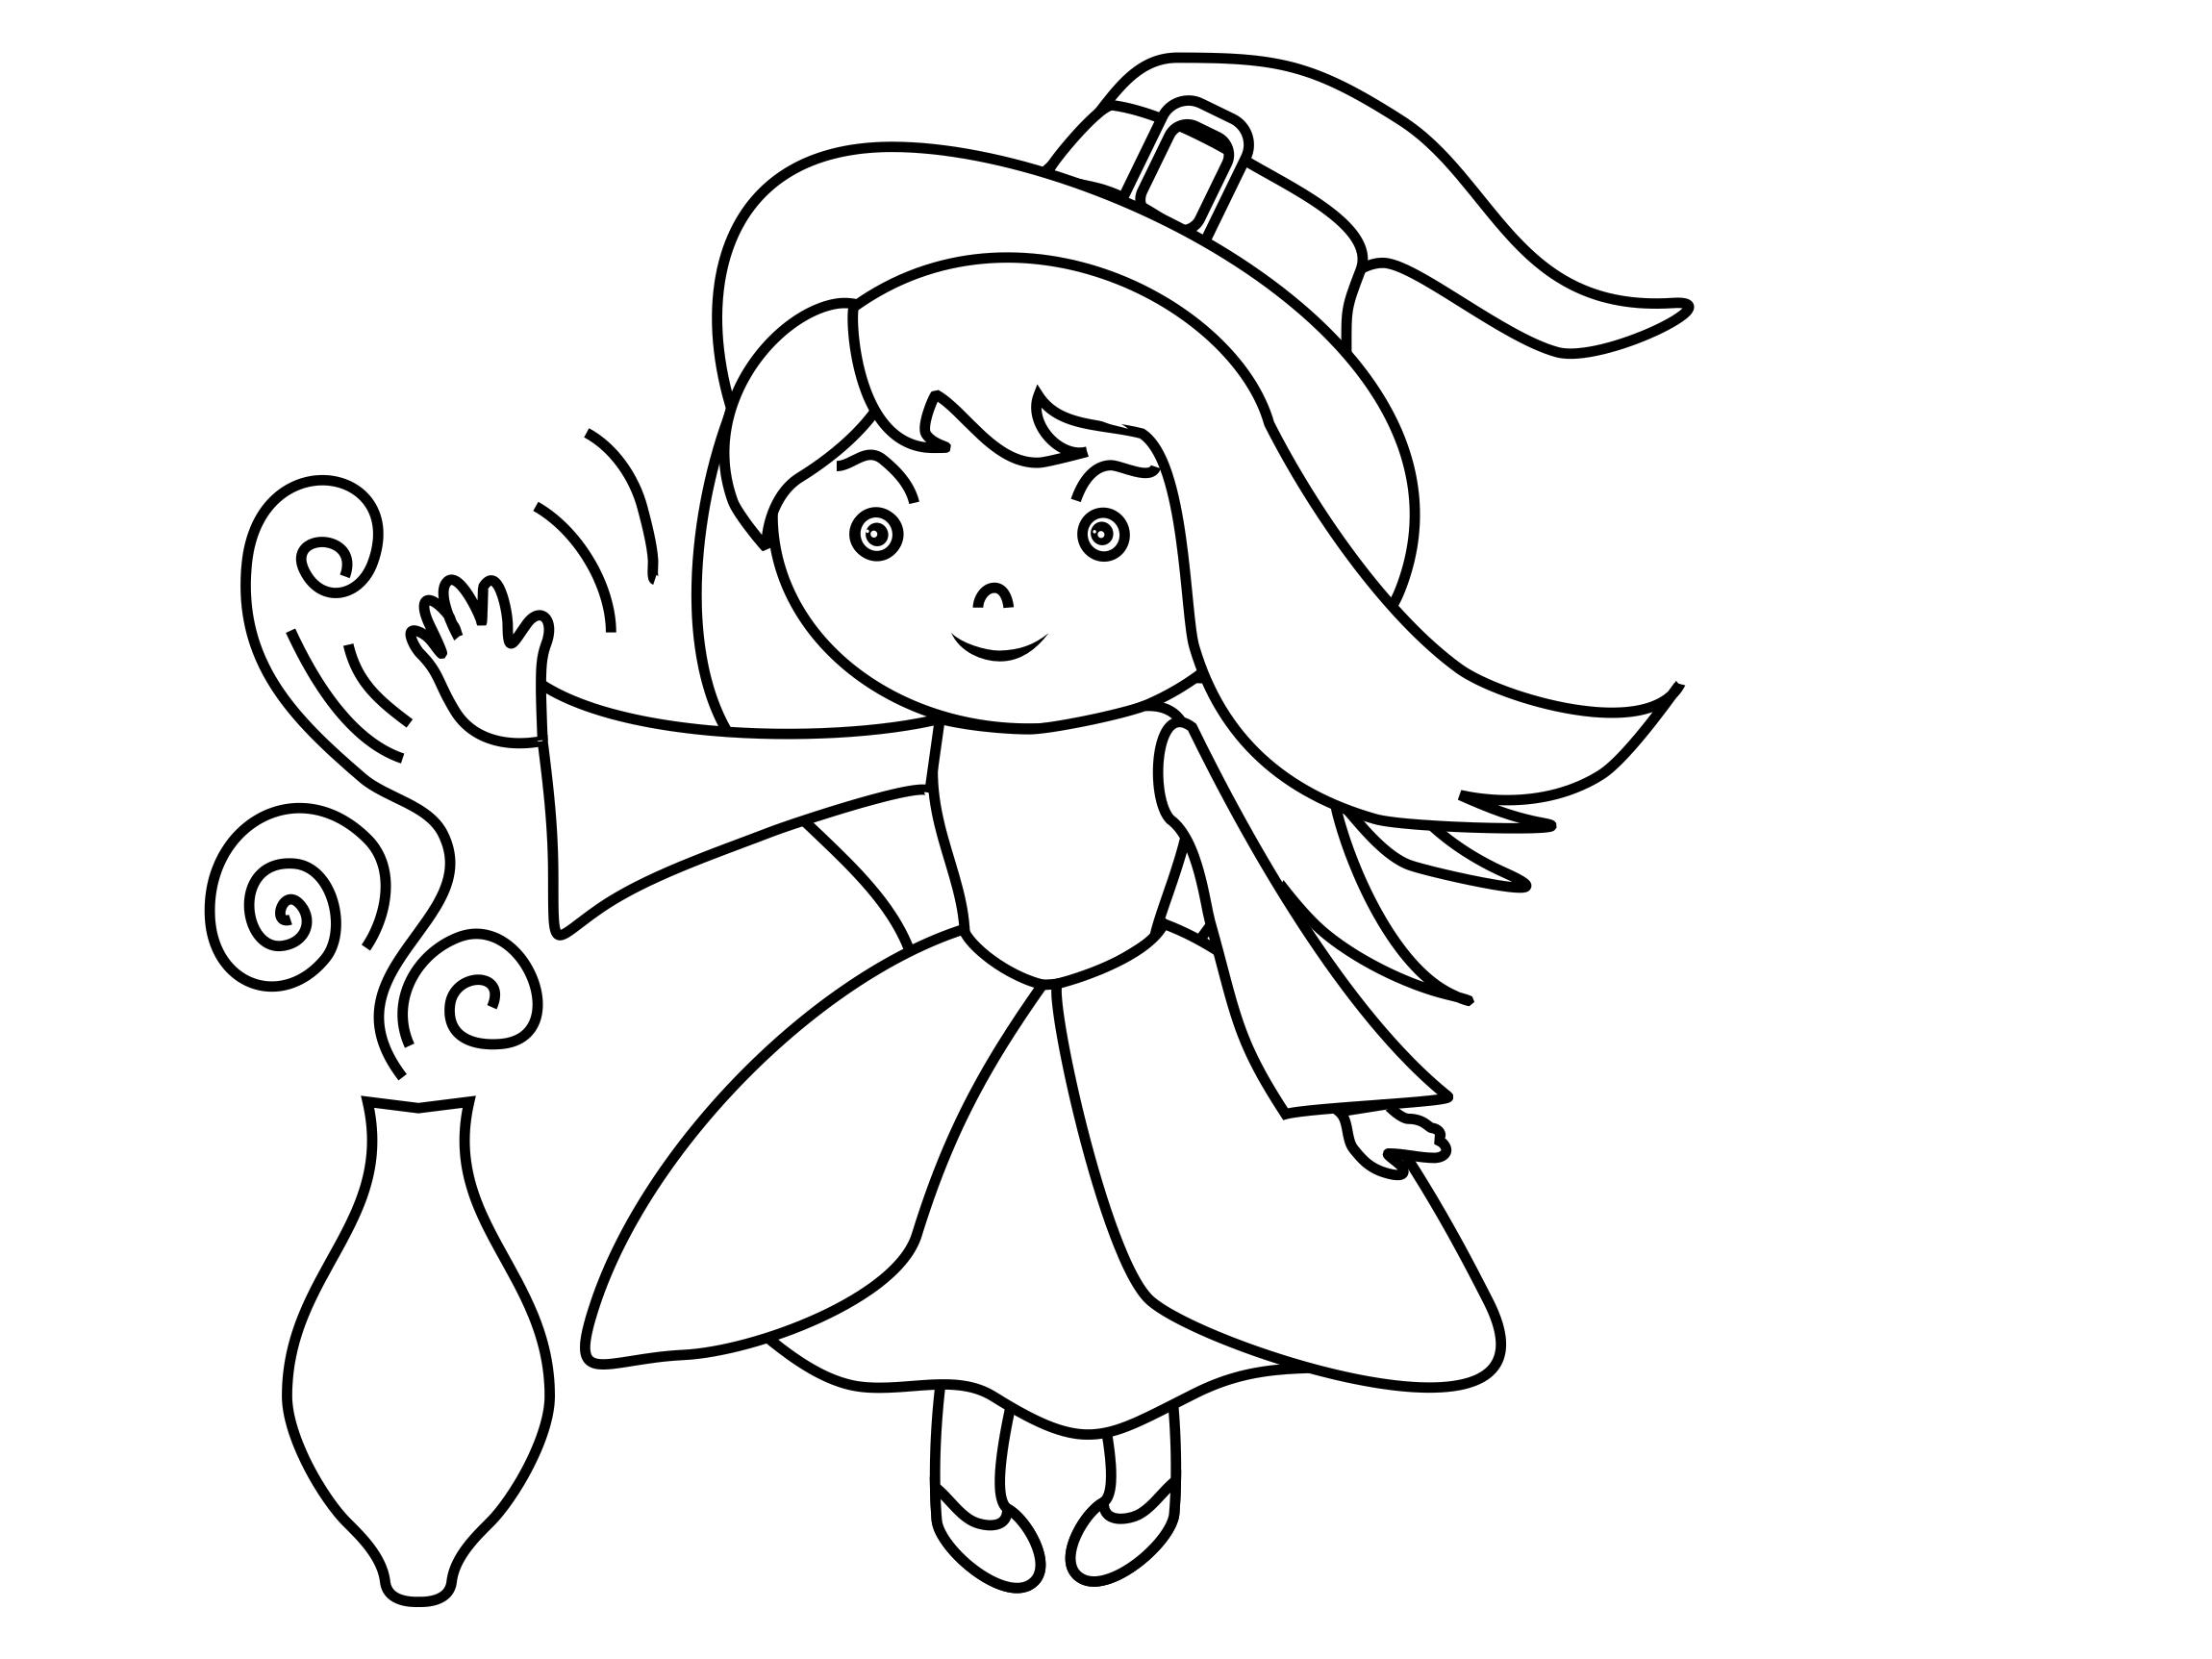 Petite sorcière clip art – Halloween image à colorier